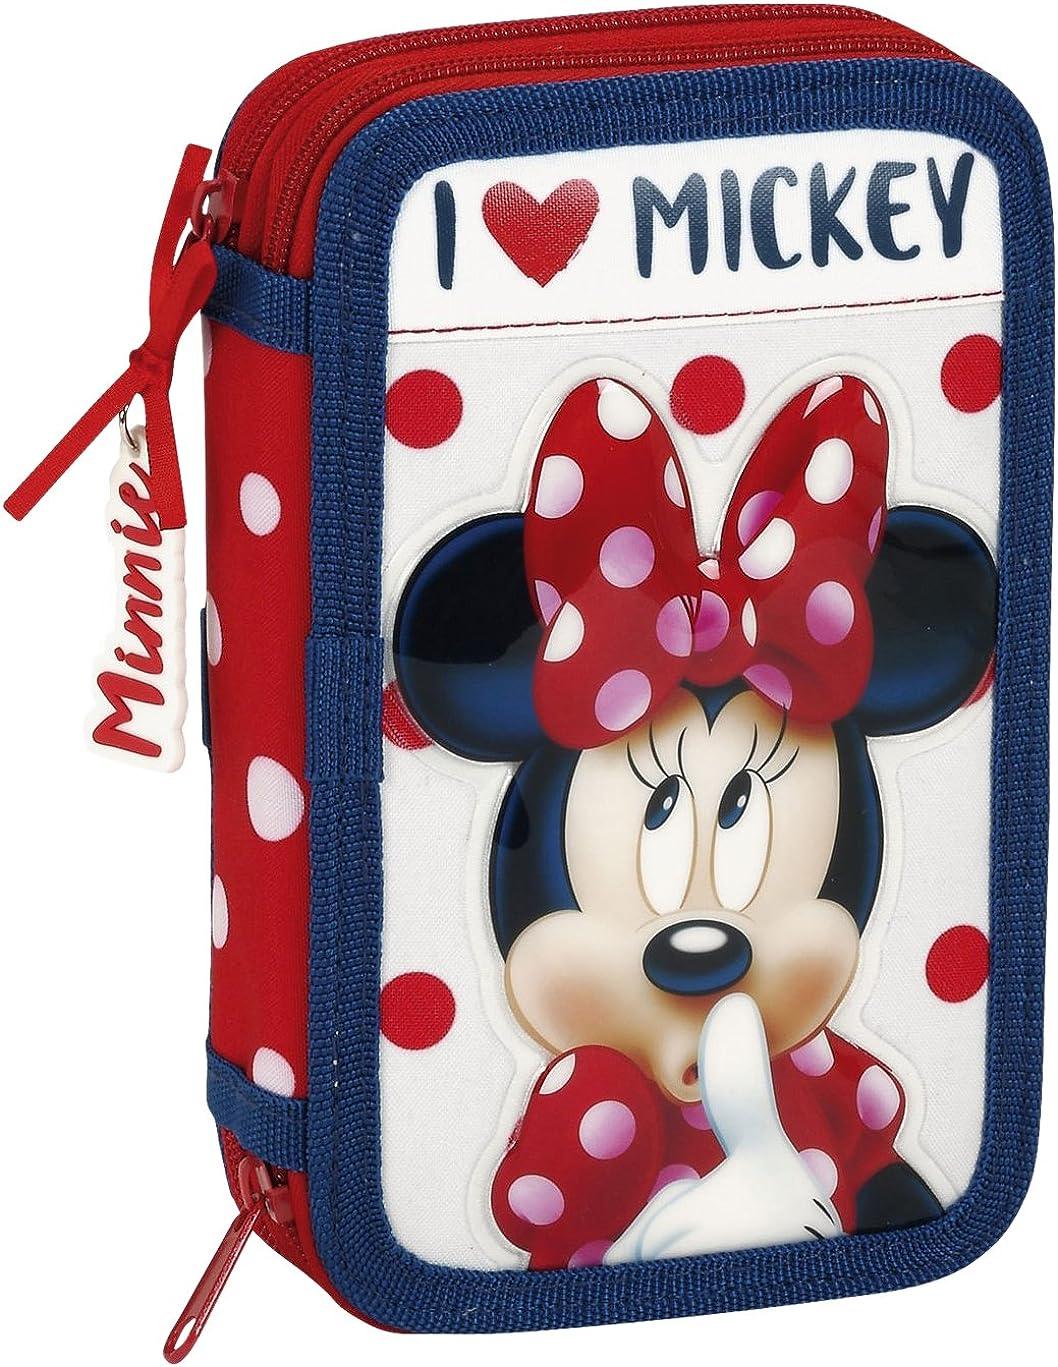 Minnie 411748854 Mouse Estuches, 20 cm, Rojo y Blanco: Amazon.es: Ropa y accesorios